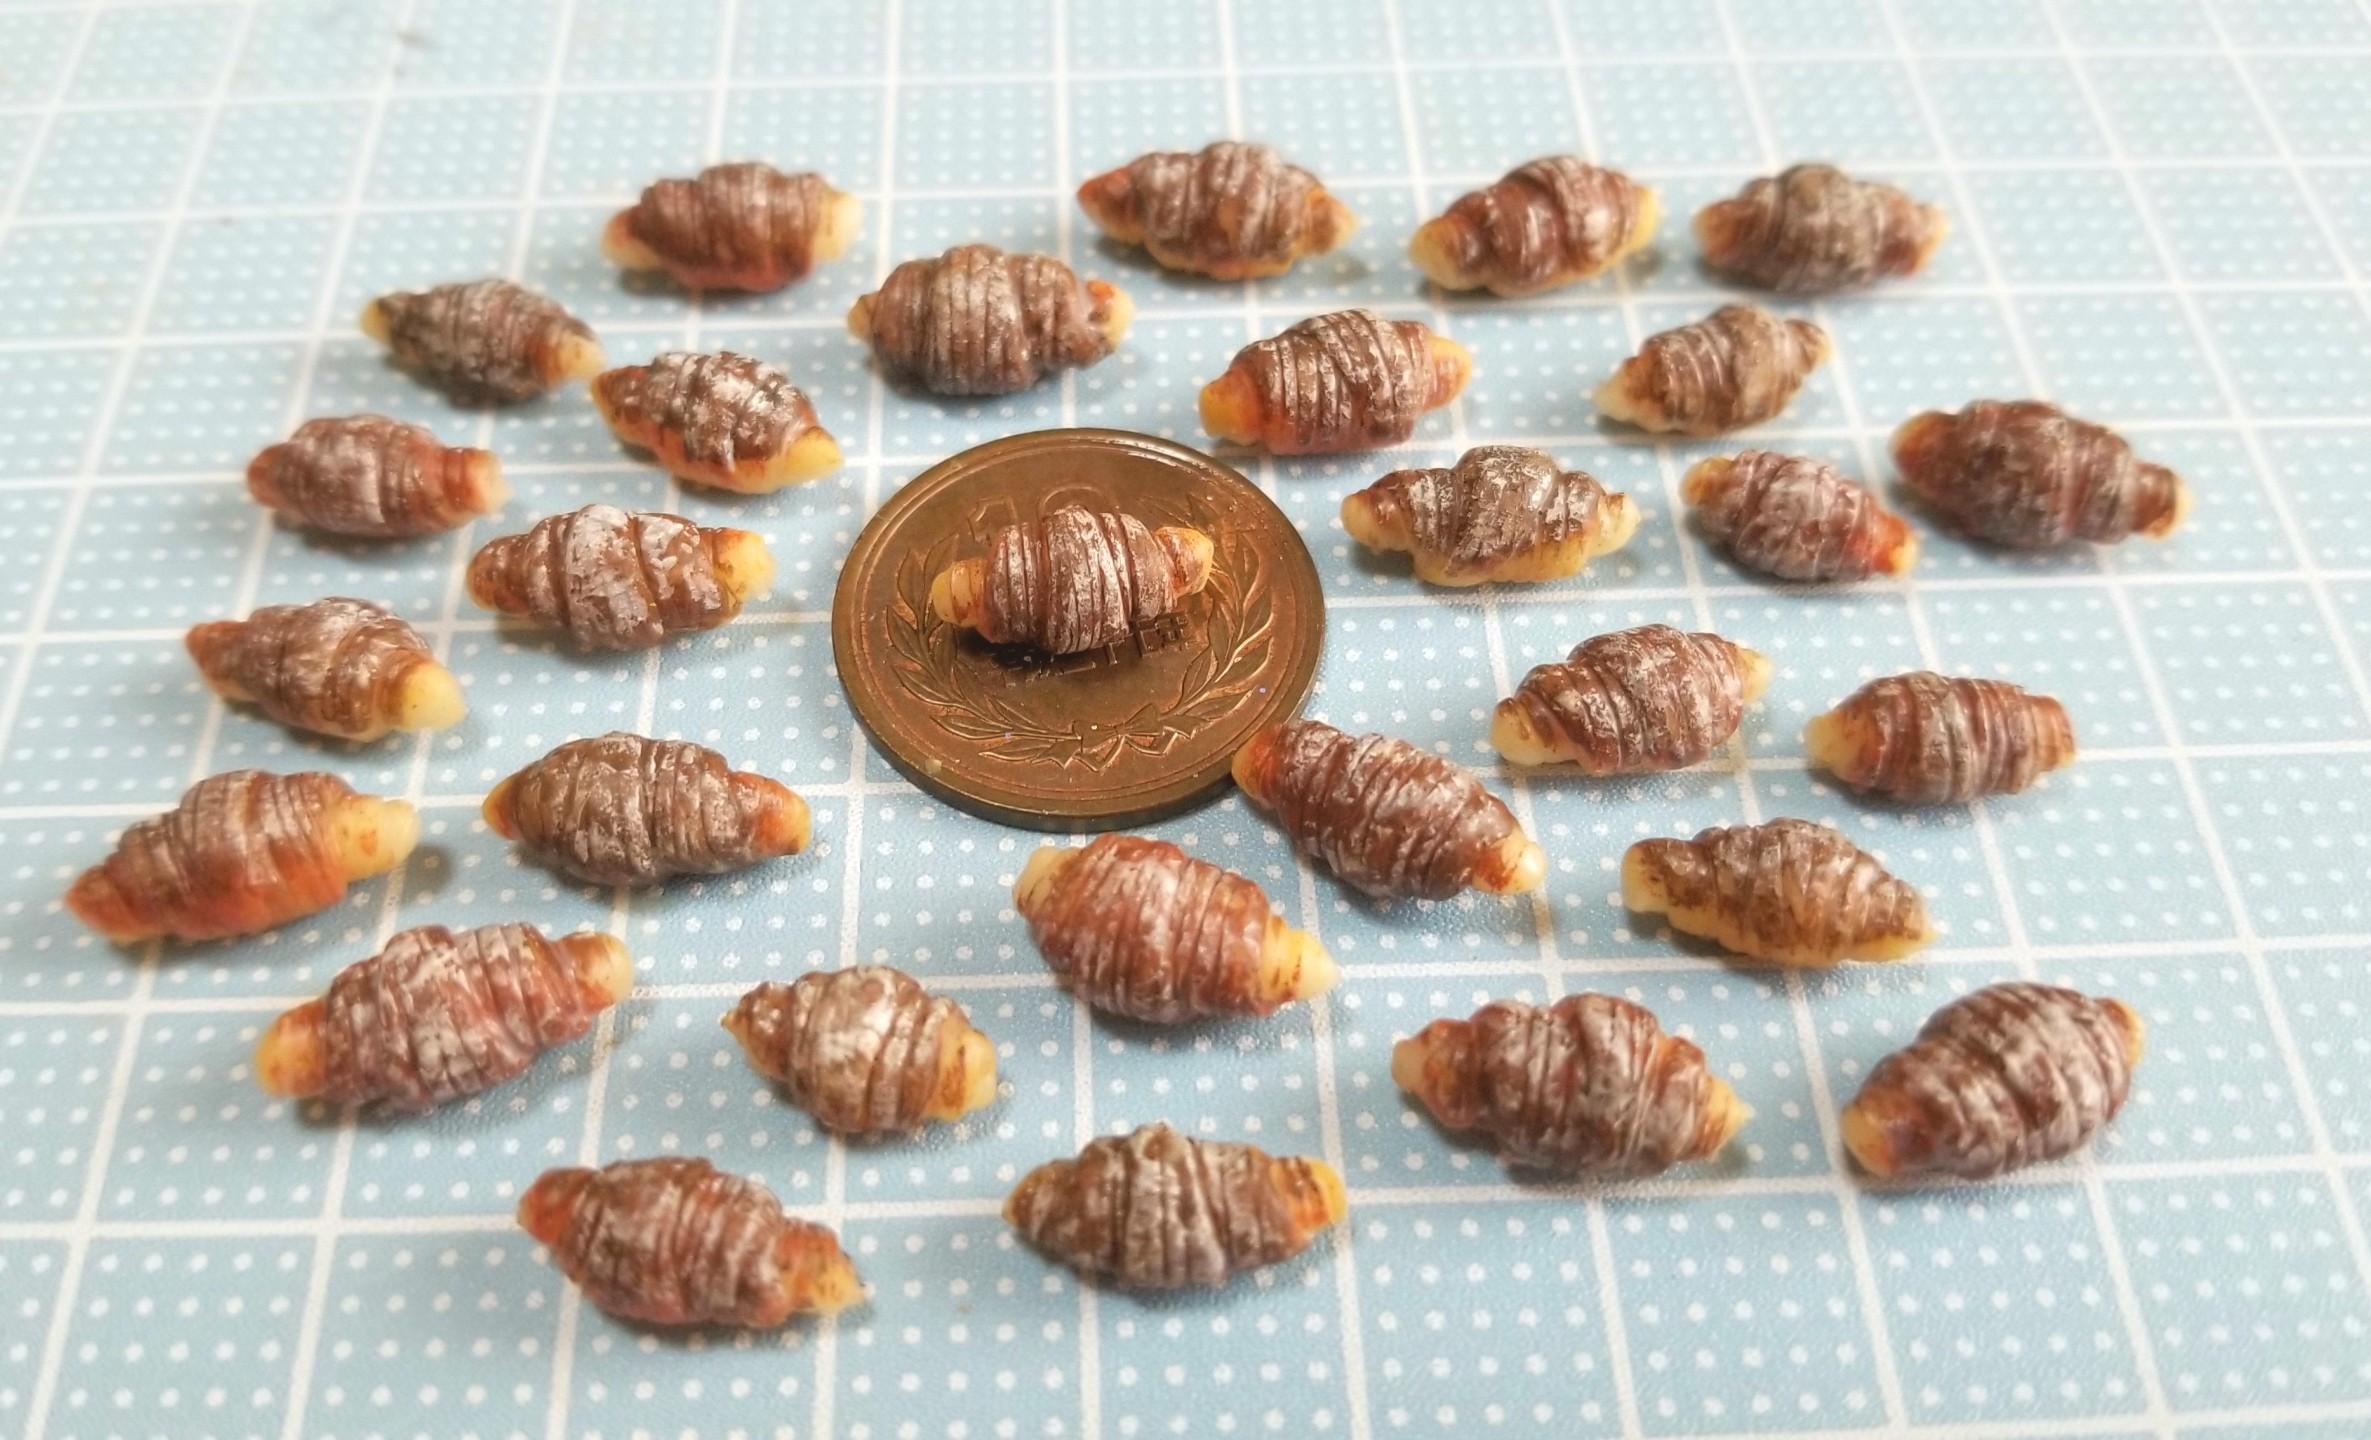 ミニチュアフード,チョコクロワッサン,樹脂粘土,食品サンプル,ドール